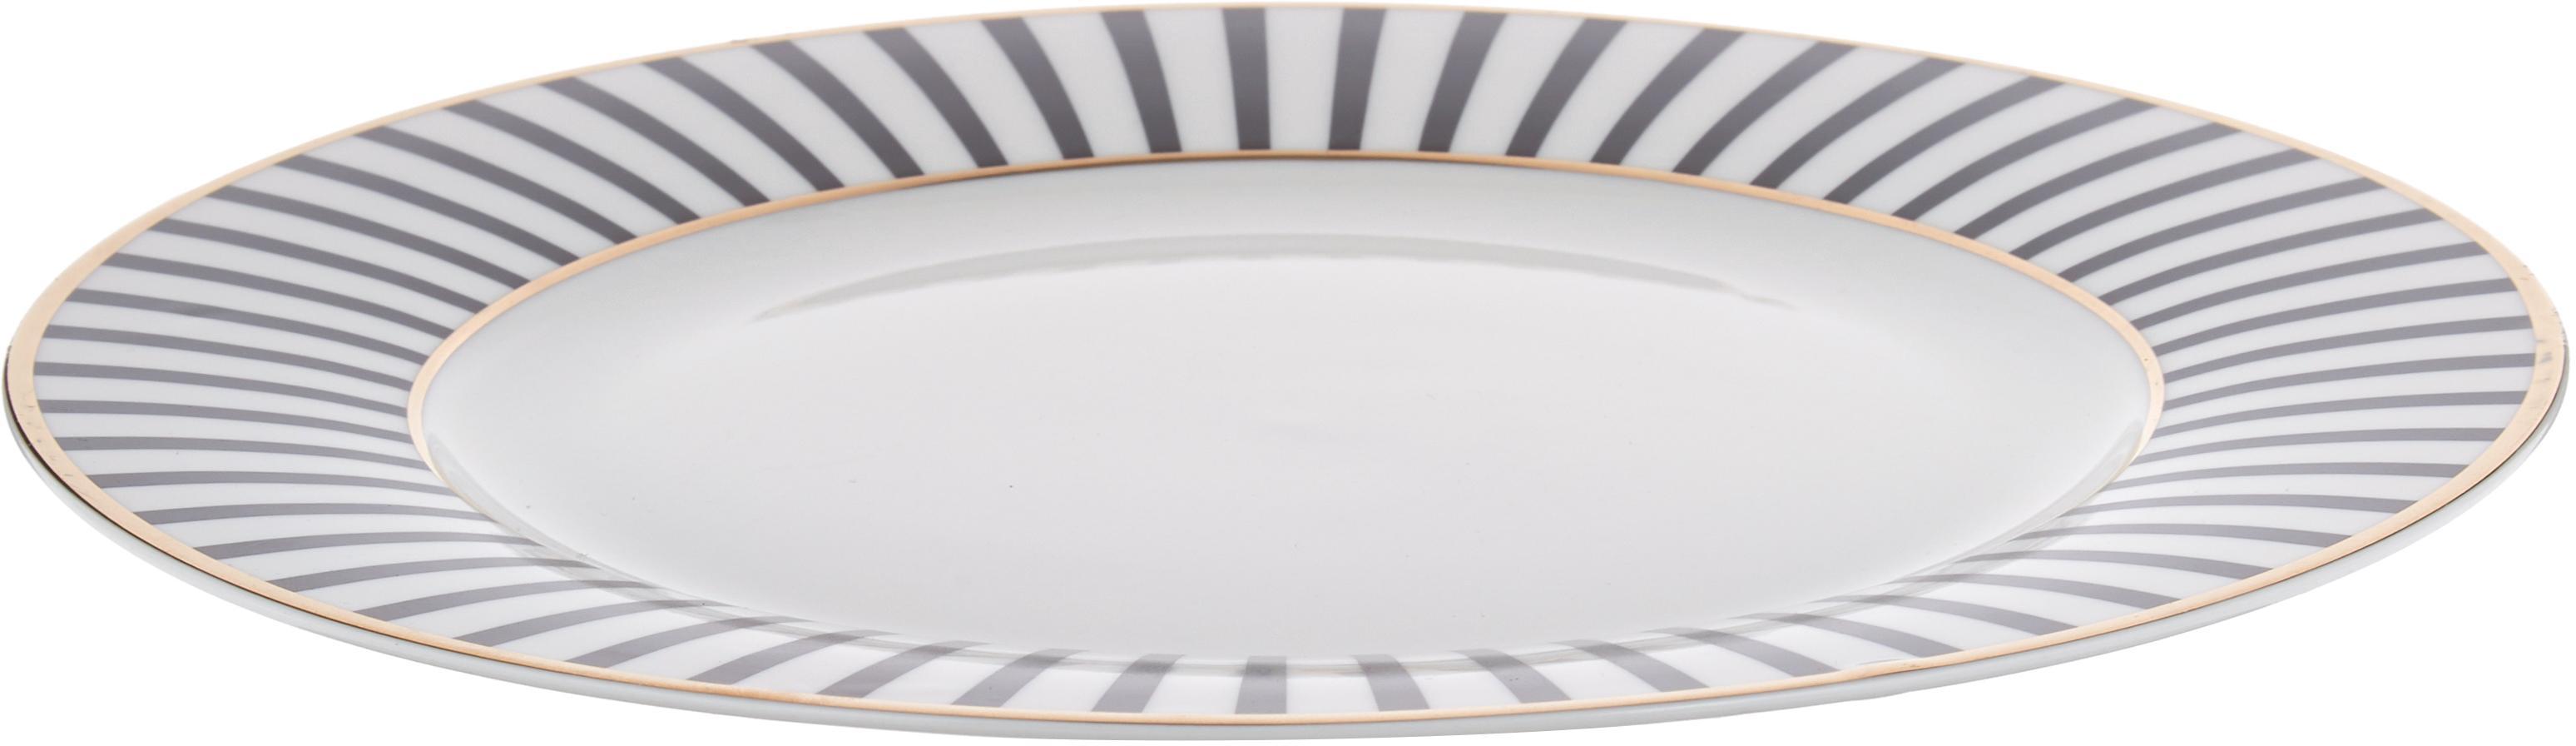 Piatto piano con decoro a righe Pluto Loft 4 pz, Porcellana, Nero, bianco, dorato, Ø 26 x Alt. 2 cm